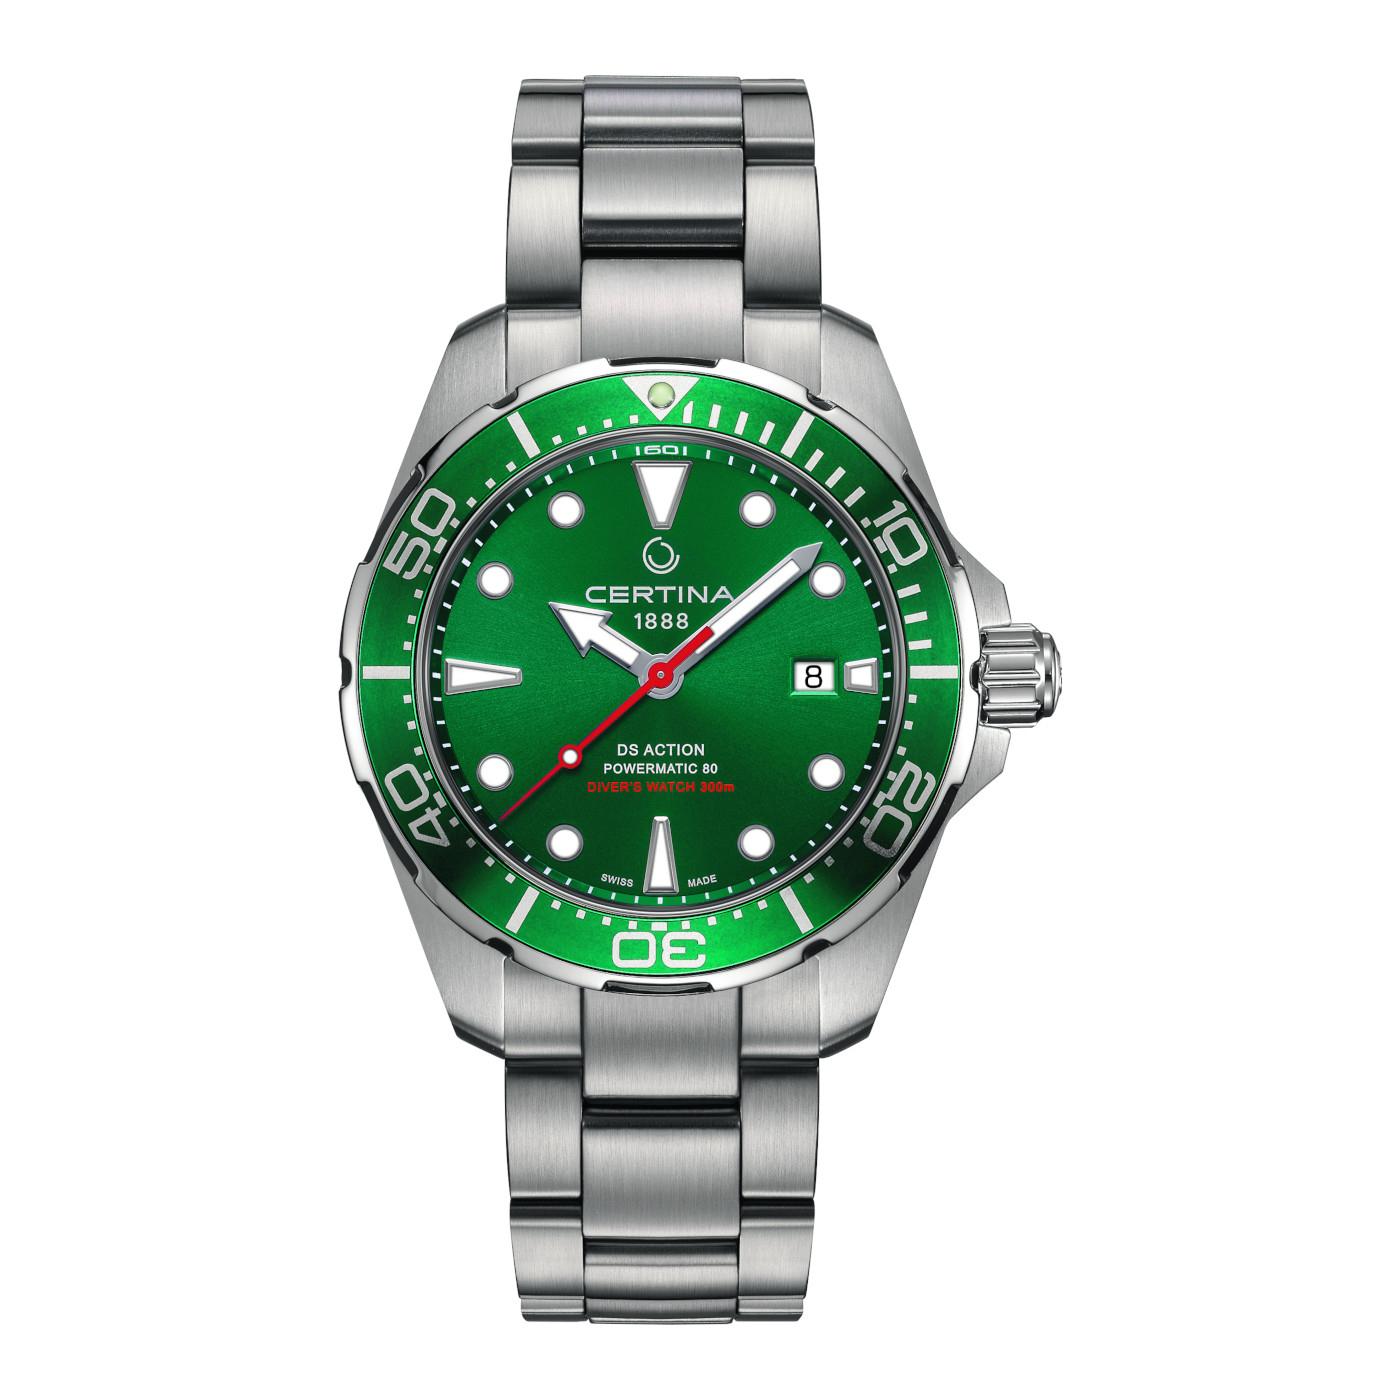 Afbeelding van Certina Aqua DS Action Diver Automaat horloge C032.407.11.091.00